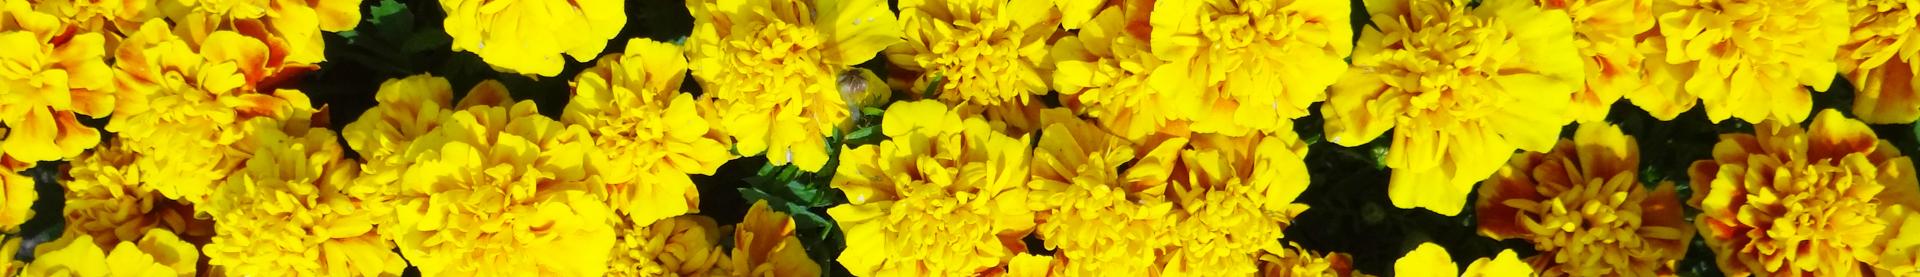 4 rośliny zimowe i wczesno wiosenne florens opole